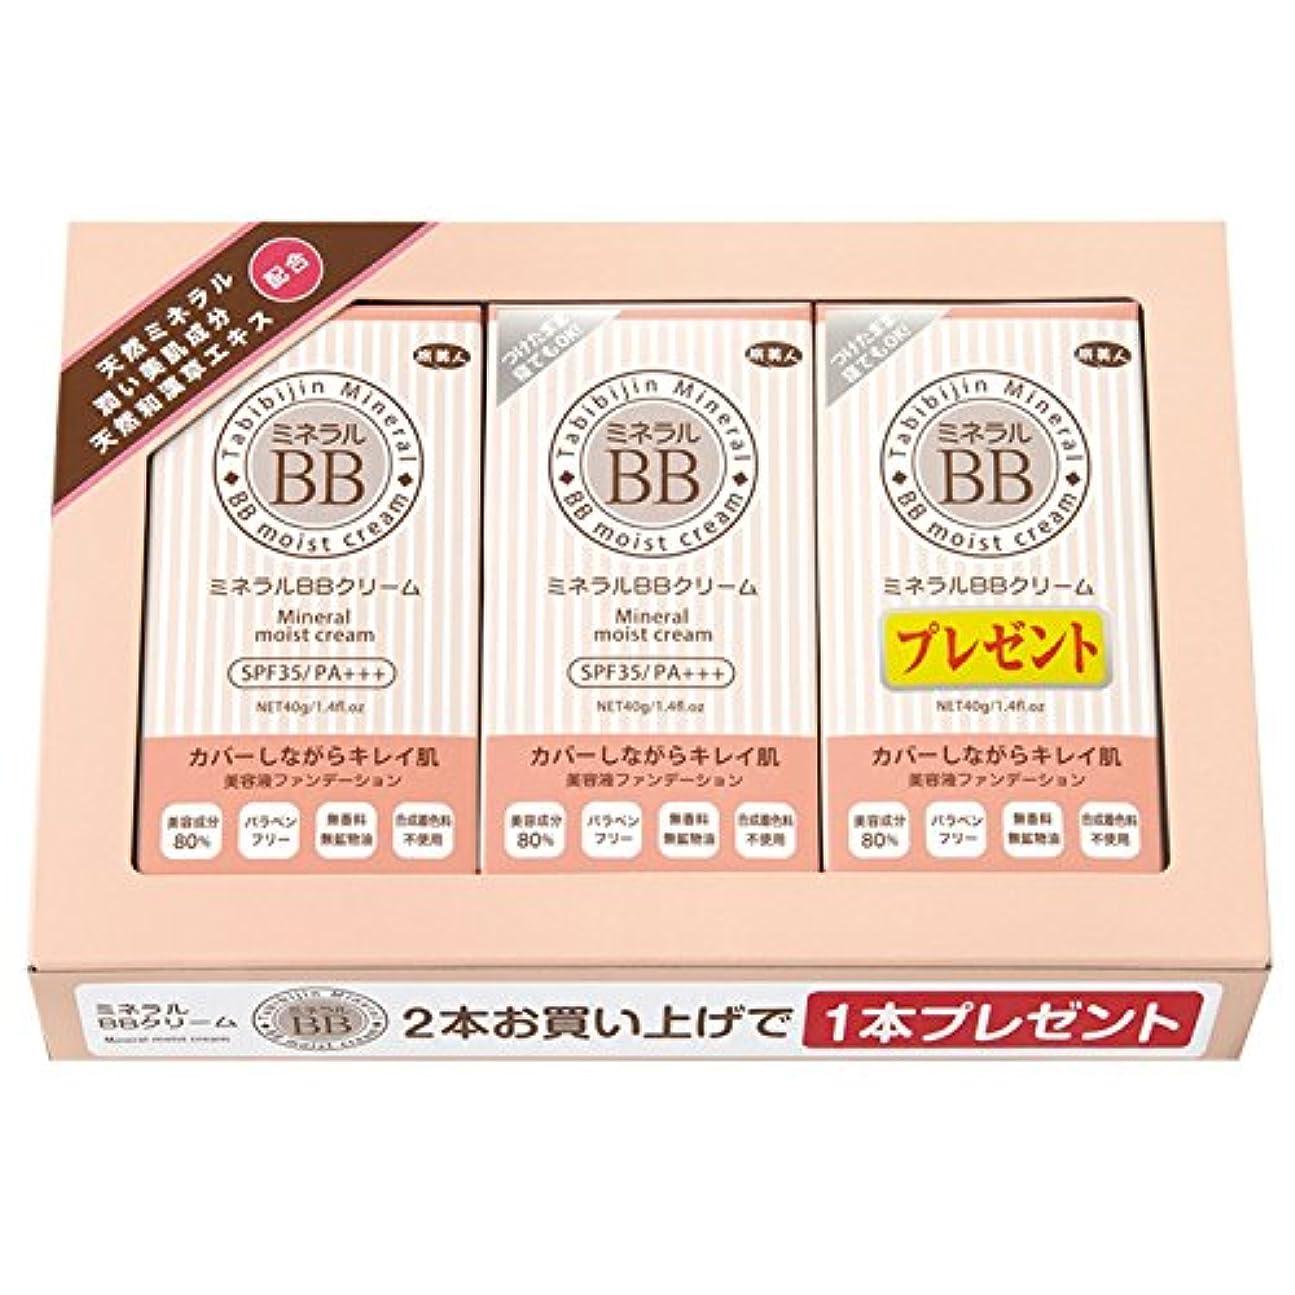 競争力のある醸造所ハッピーアズマ商事の ミネラルBBクリーム お得な 2本のお値段で3本入りセット